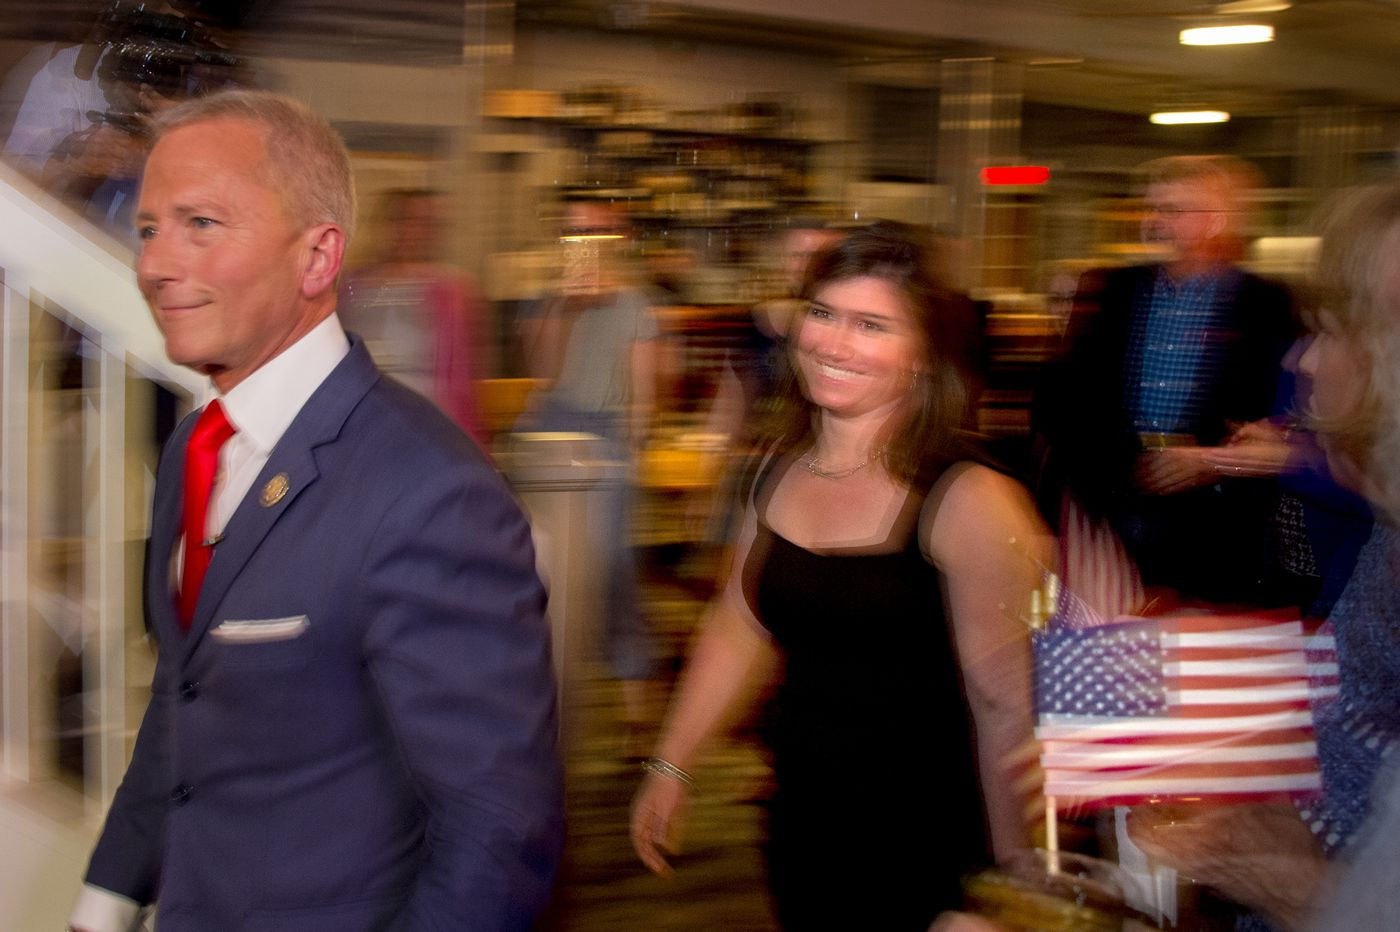 Jeff Van Drew, Seth Grossman win primaries in New Jersey's Second Congressional District